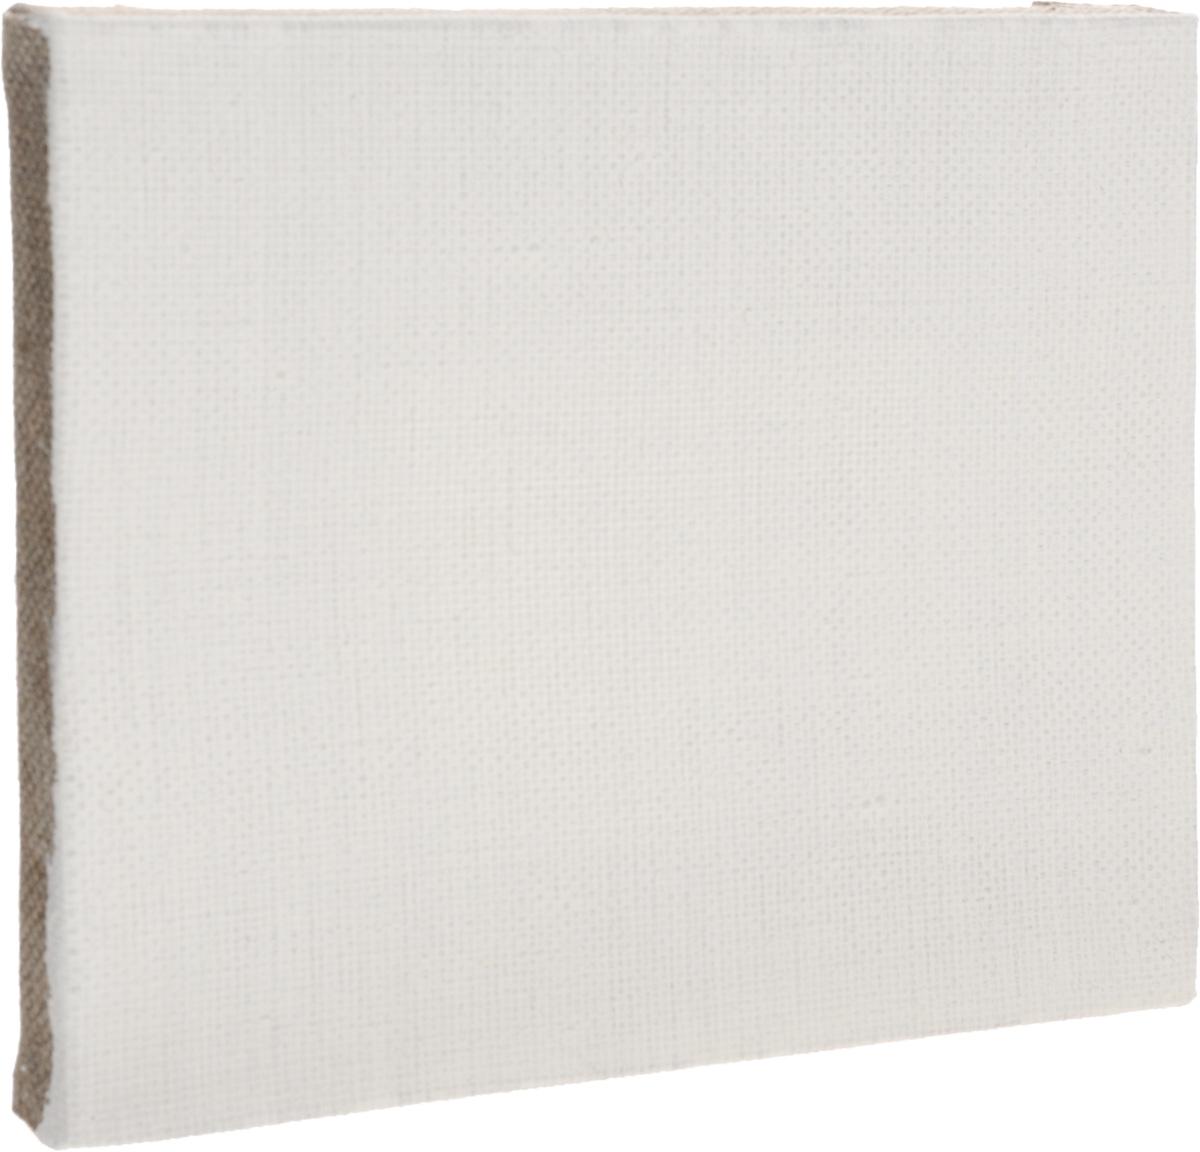 Холст ArtQuaDram Репинский на подрамнике, грунтованный, 20 х 25 смТ0003992Холст на деревянном подрамнике ArtQuaDram Репинский изготовлен из 100% натурального льна. Подходит для профессионалов и художников. Холст не трескается, не впитывает слишком много краски, цвет краски и качество не изменяются. Холст идеально подходит для масляной и акриловой живописи.